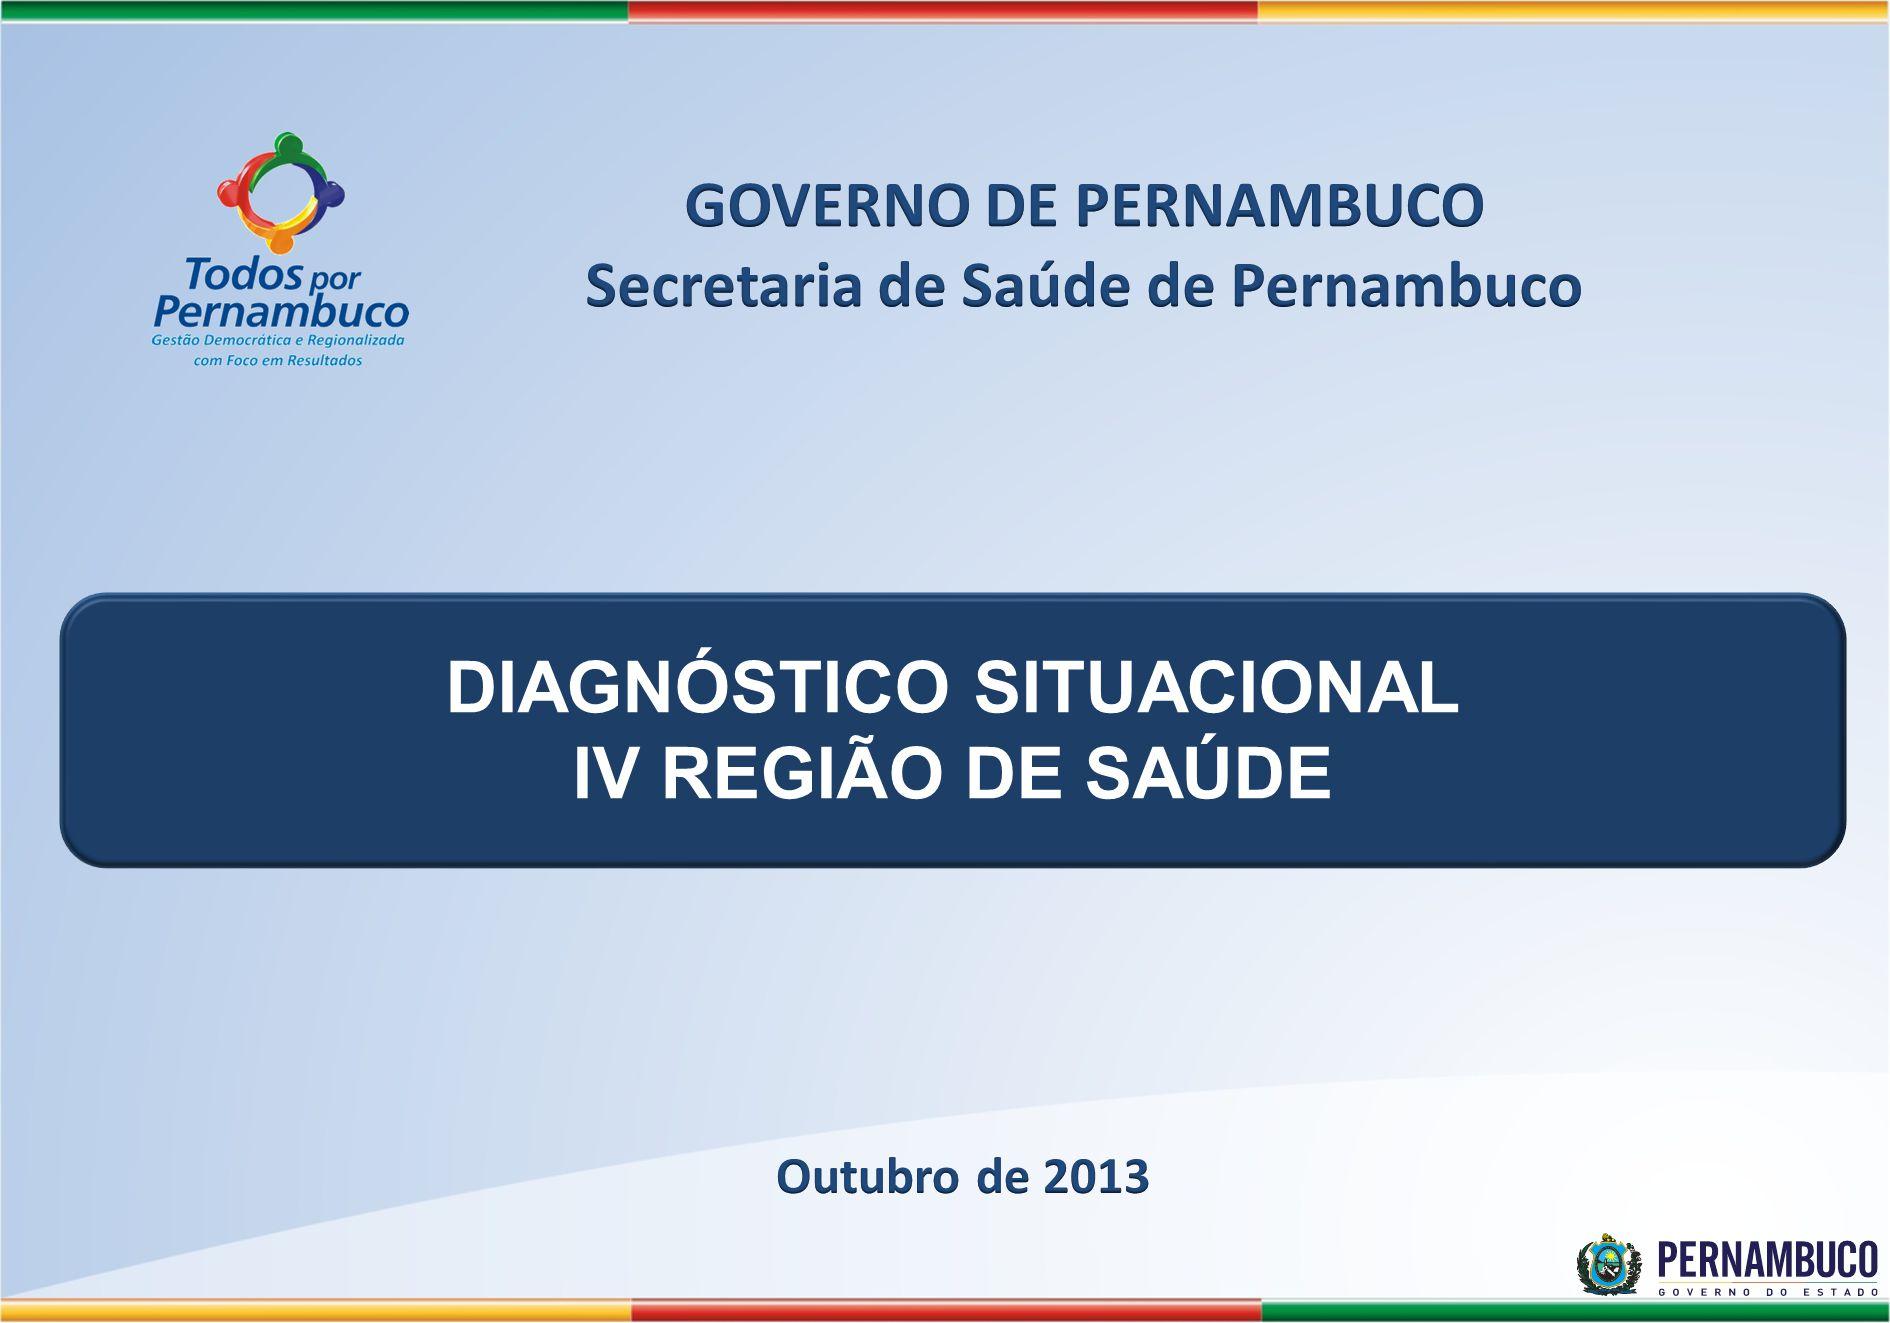 Secretaria de Saúde de Pernambuco